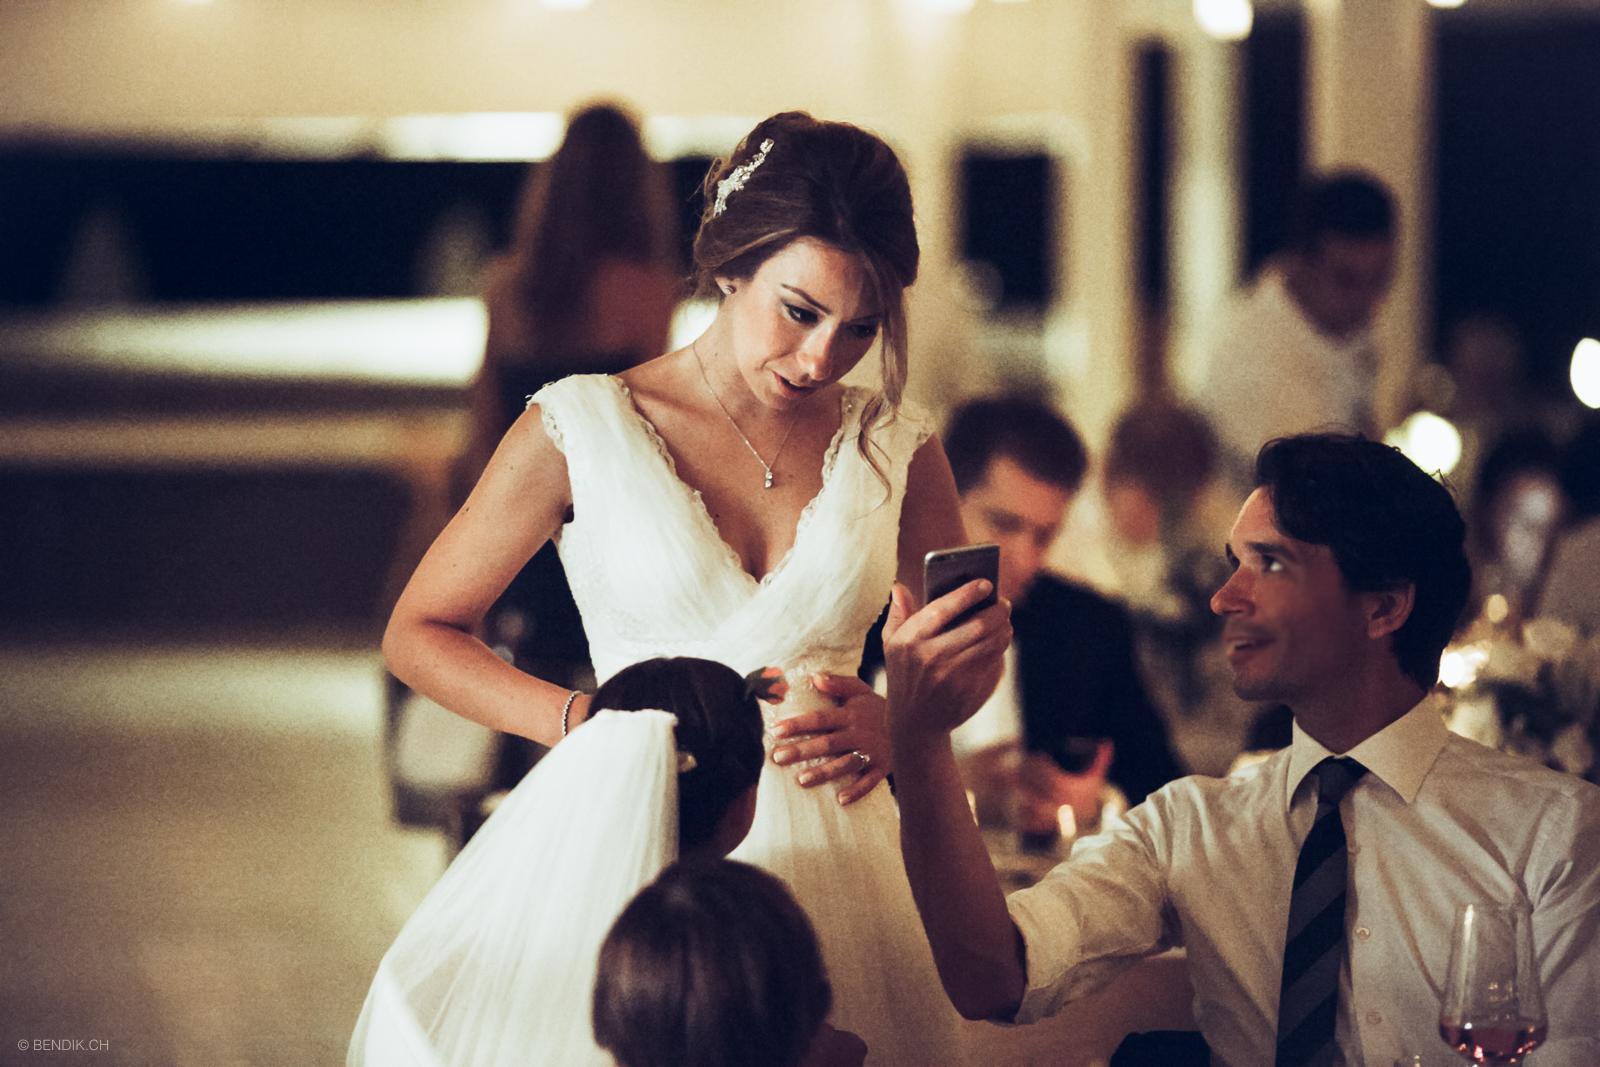 wedding_photoshoot_pinar_tolga20150913_078